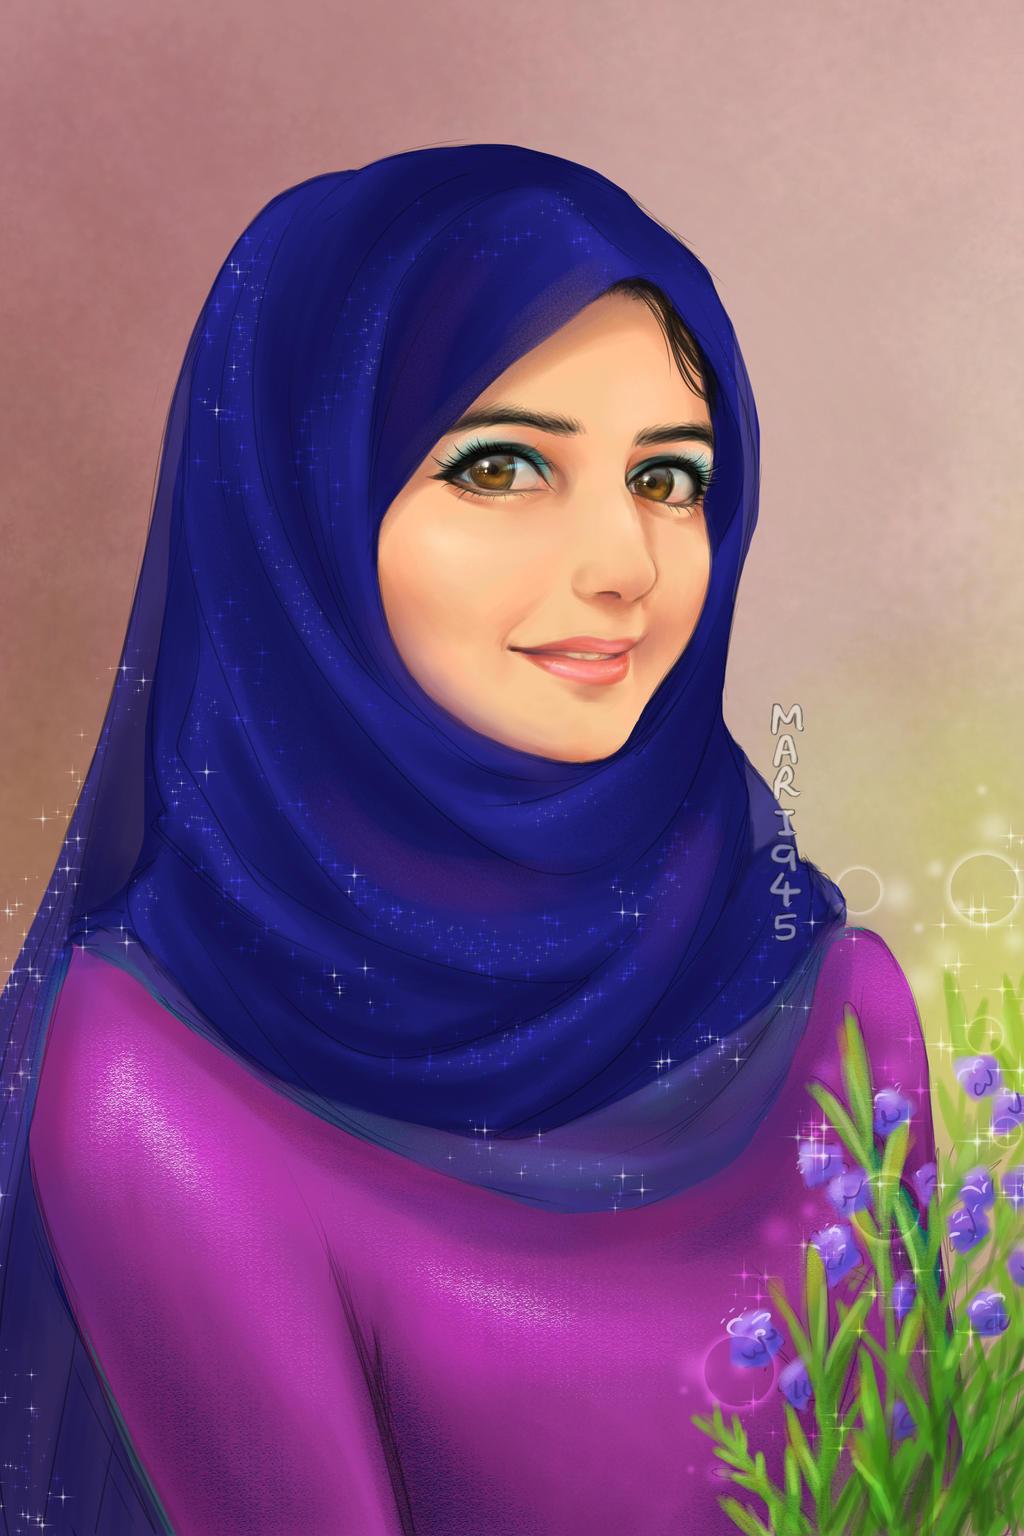 Hijabi By Mari945 On Deviantart-4483